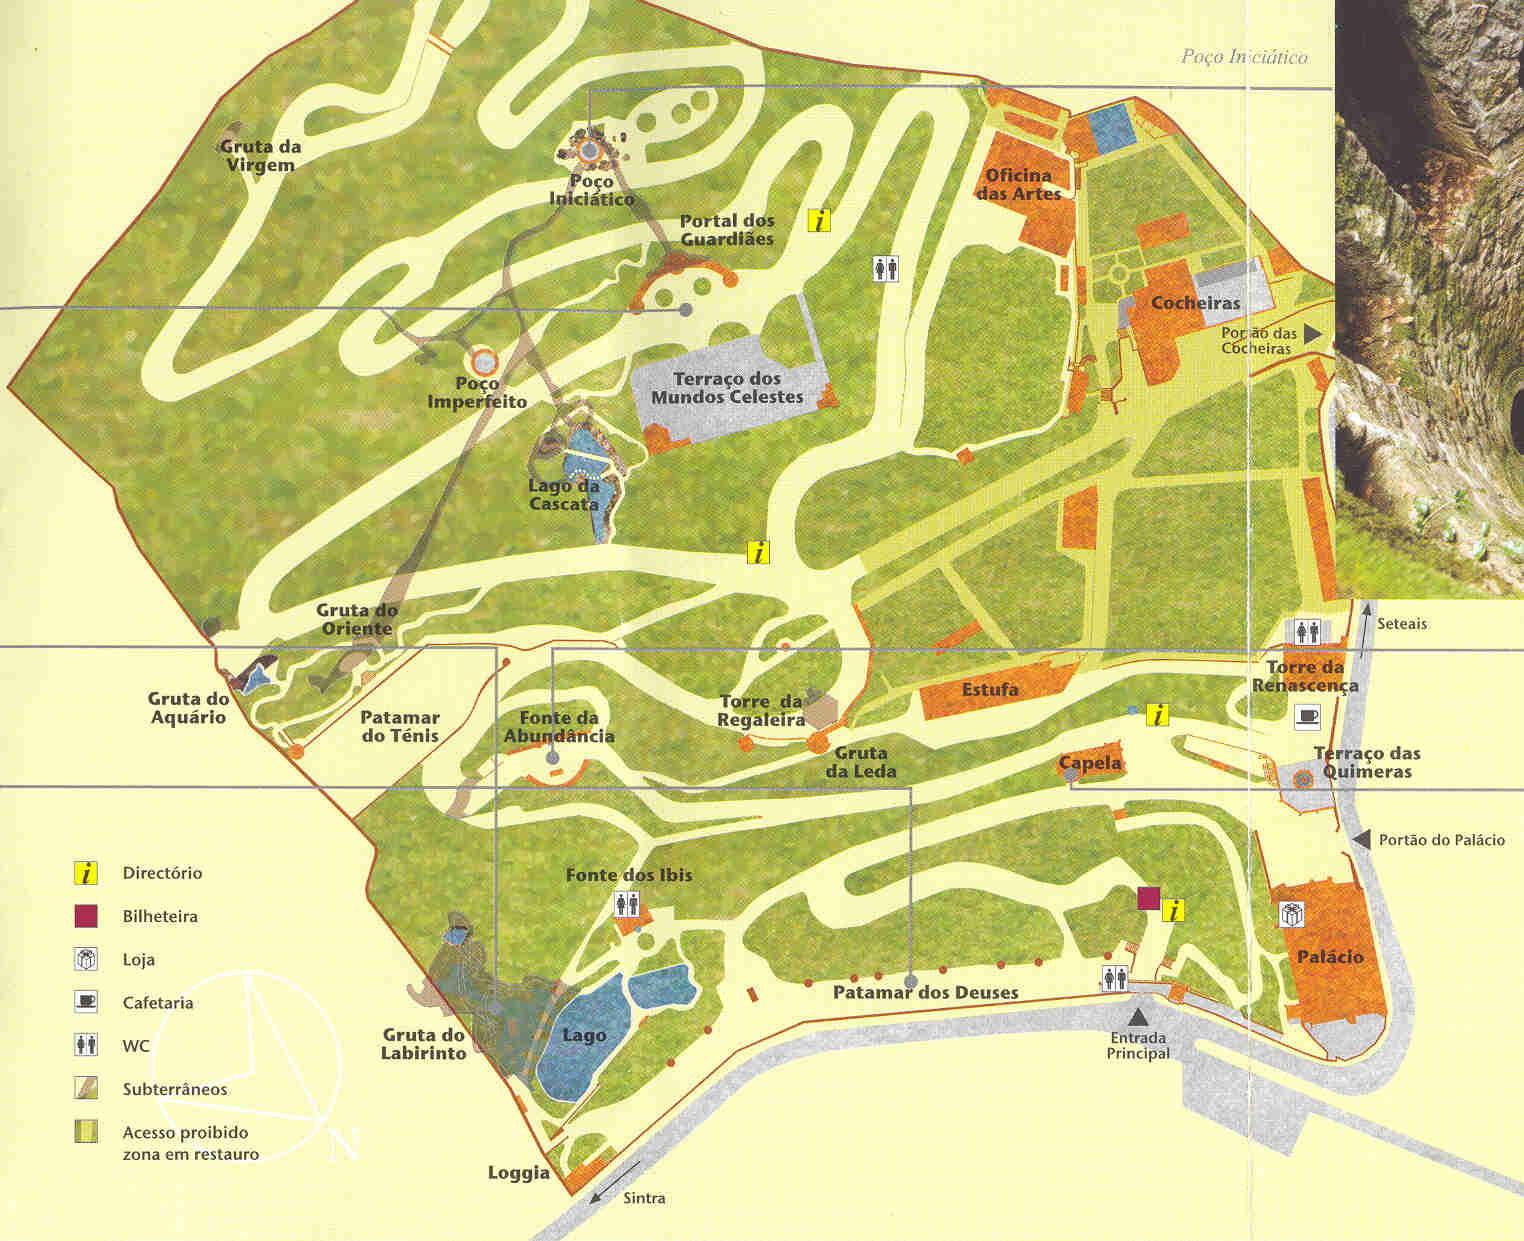 quinta da regaleira mapa História e Arquitetura: Palácio da Regaleira   Portugal quinta da regaleira mapa